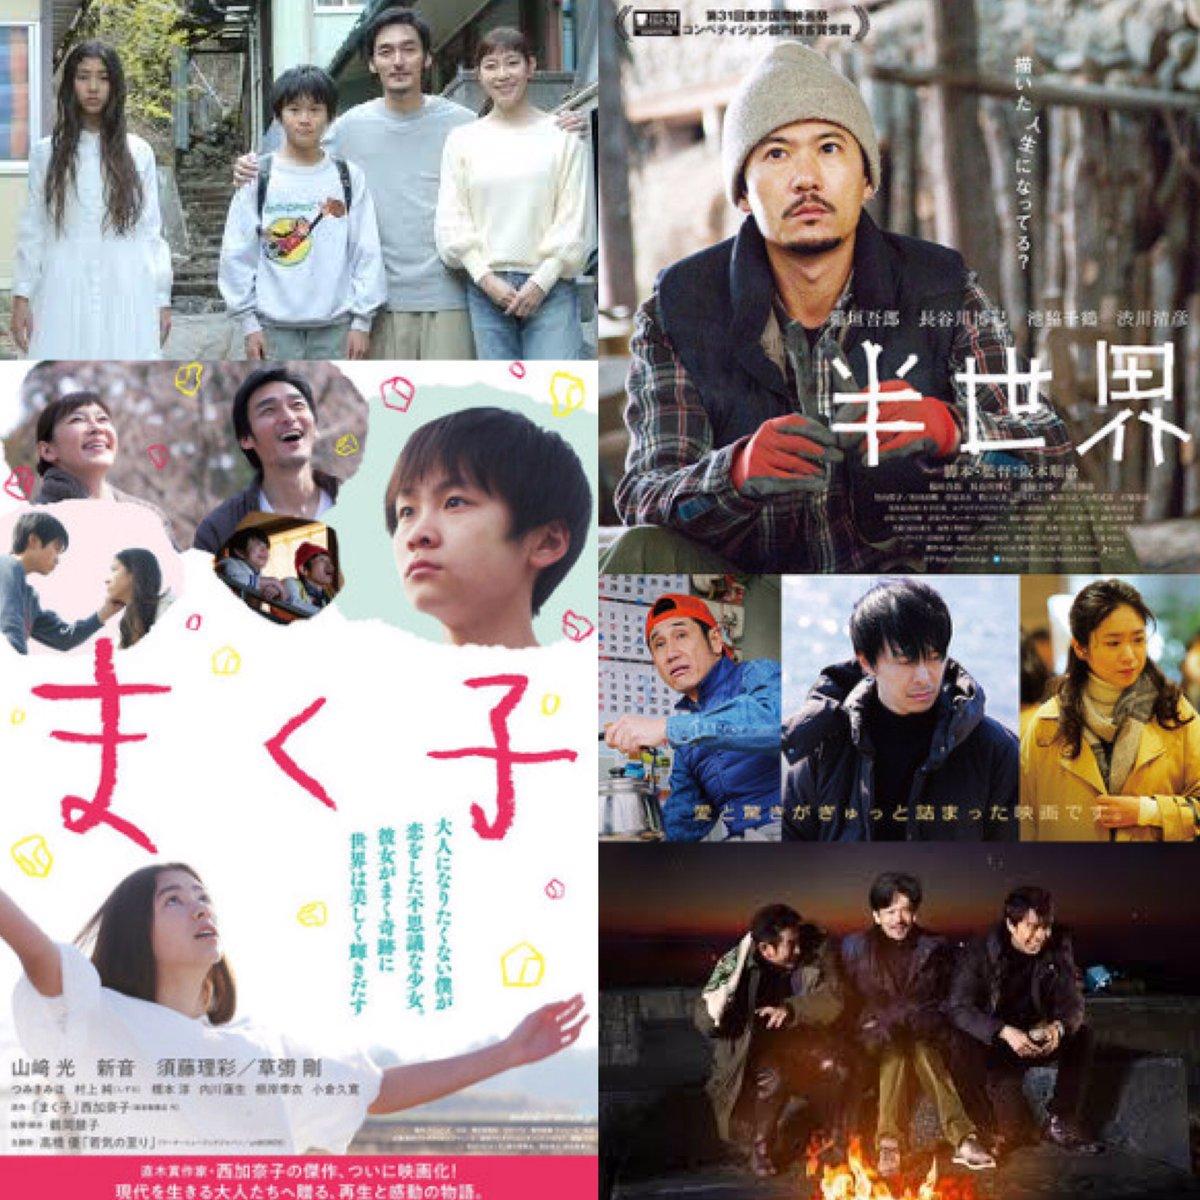 台風家族の感想・ネタバレ!新井浩文などキャストはどうなった!?世界を巻き込む喜劇